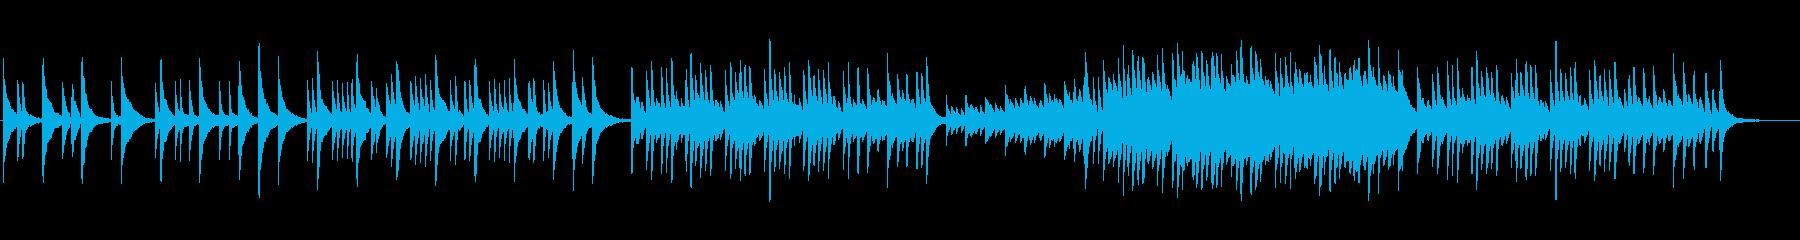 静か 切ない 聞きやすいピアノソロの再生済みの波形